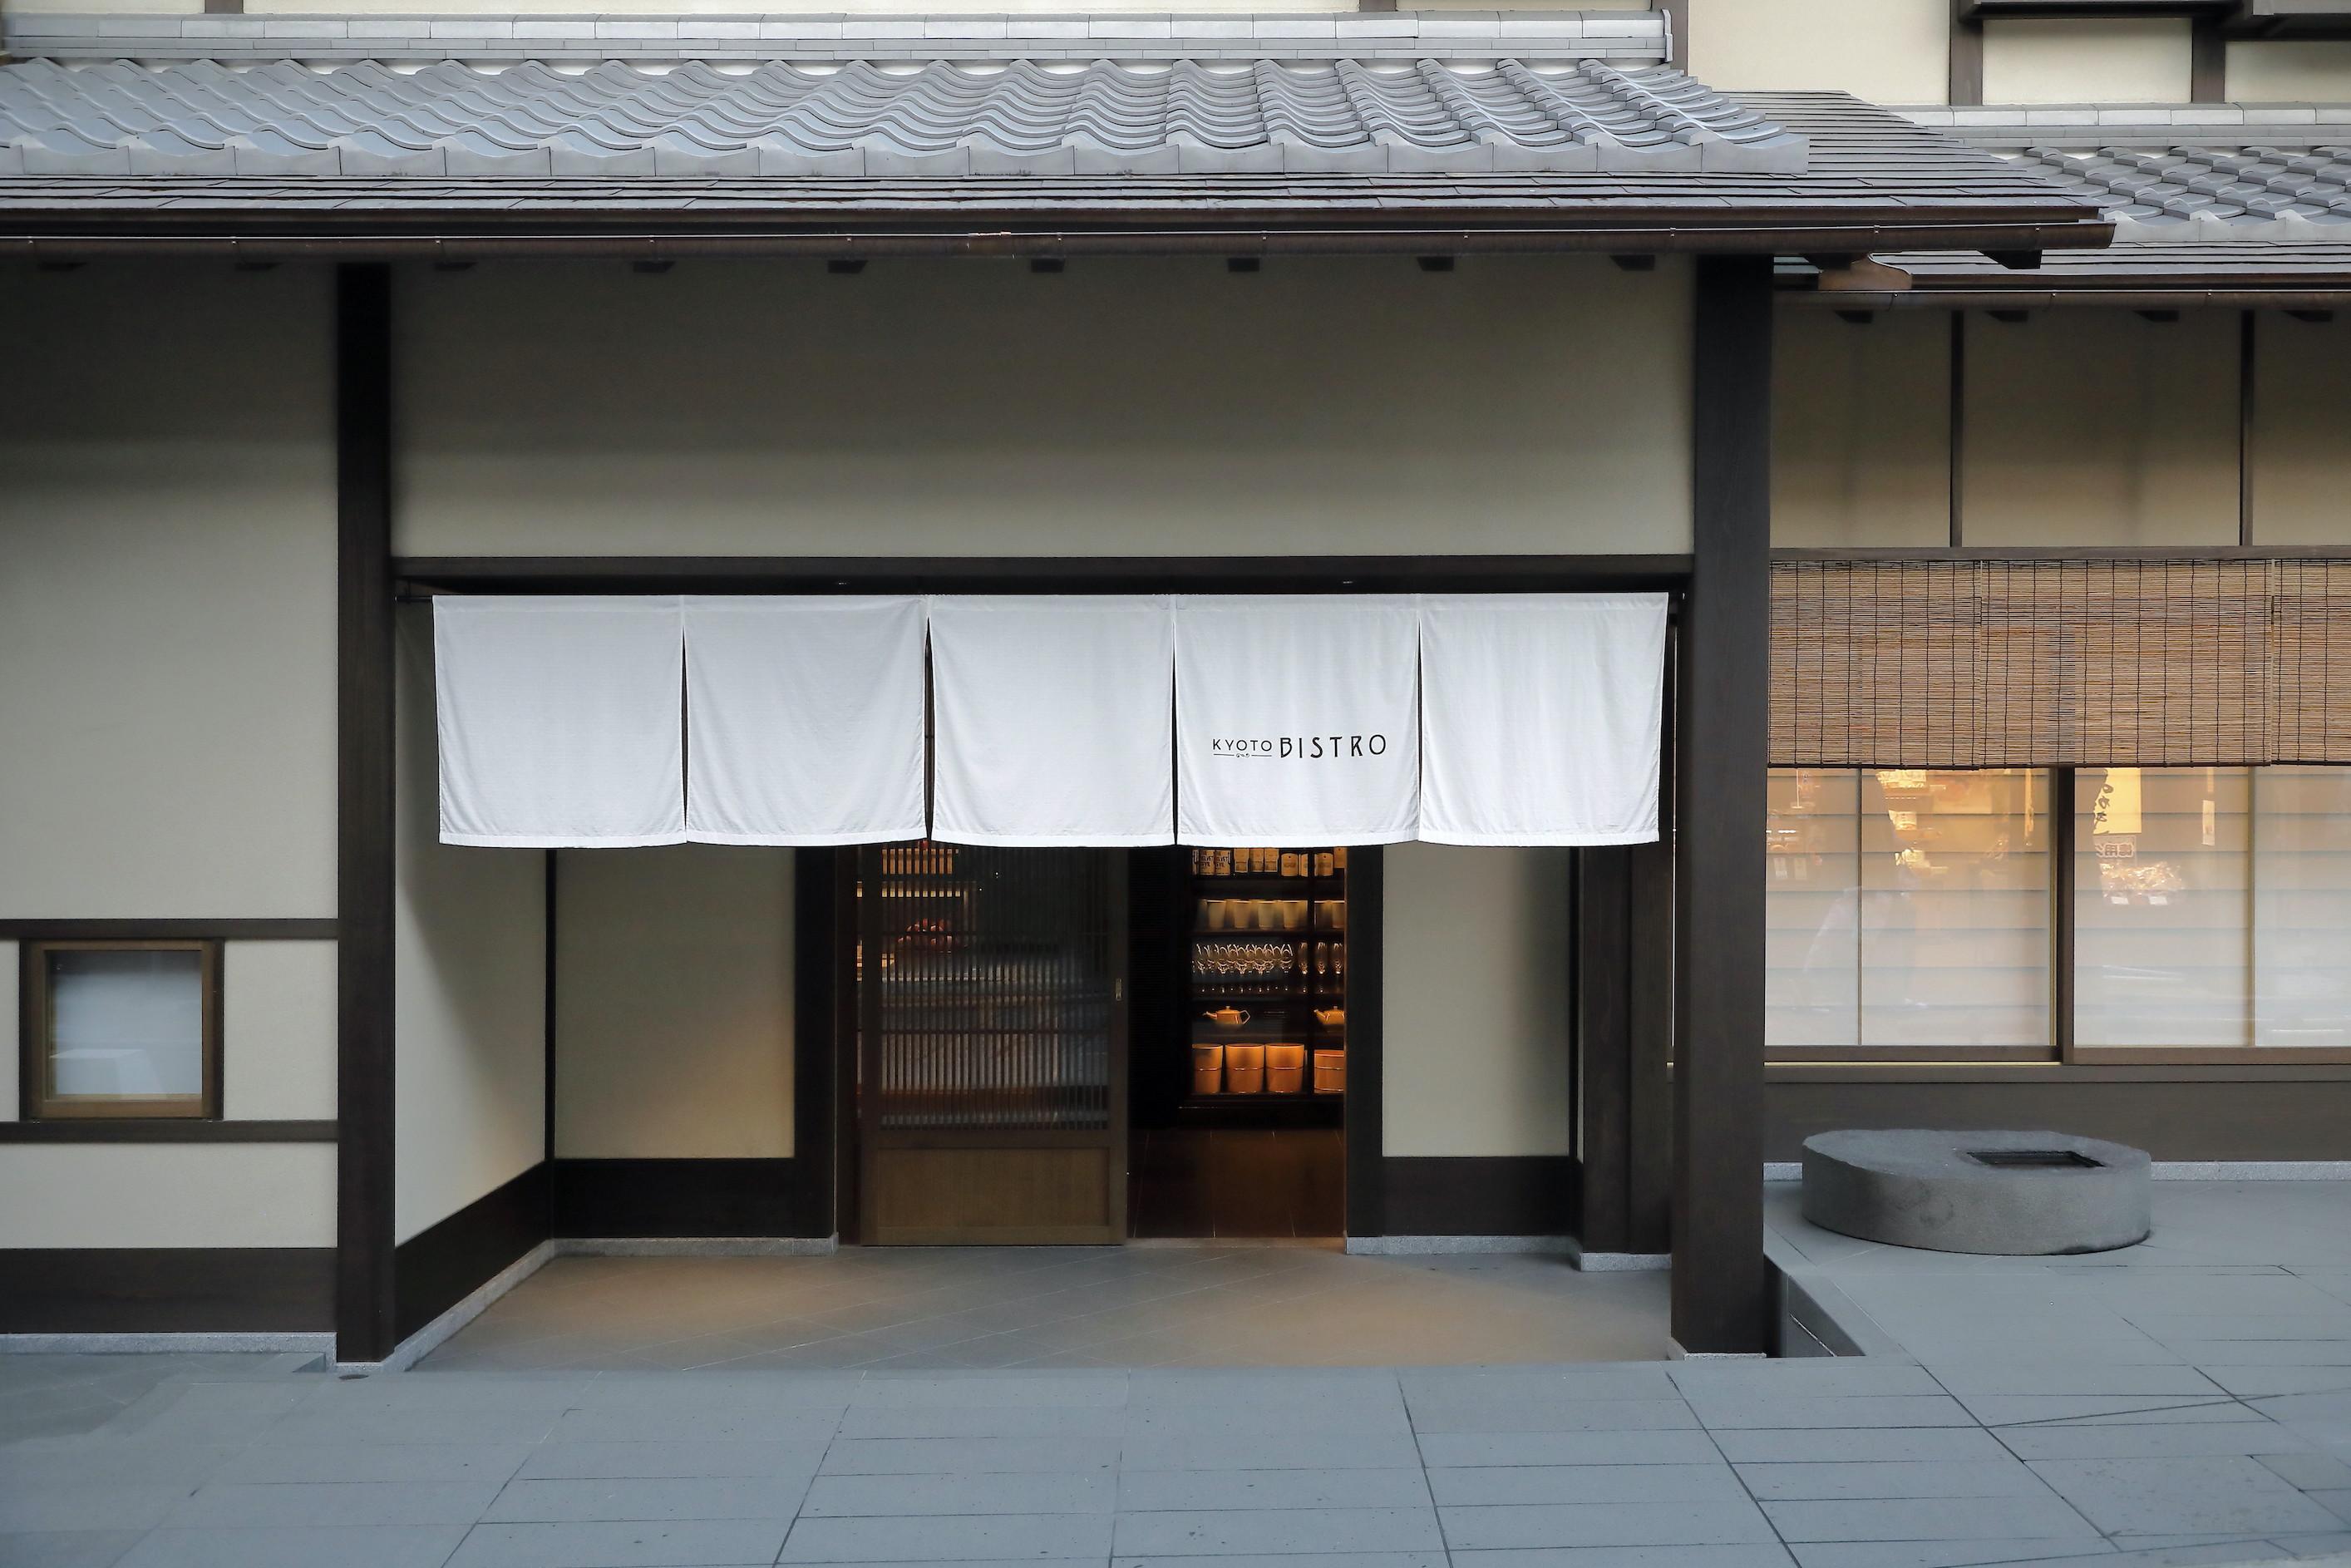 Park-Hyatt-Kyoto-Kyotobistro2.JPG